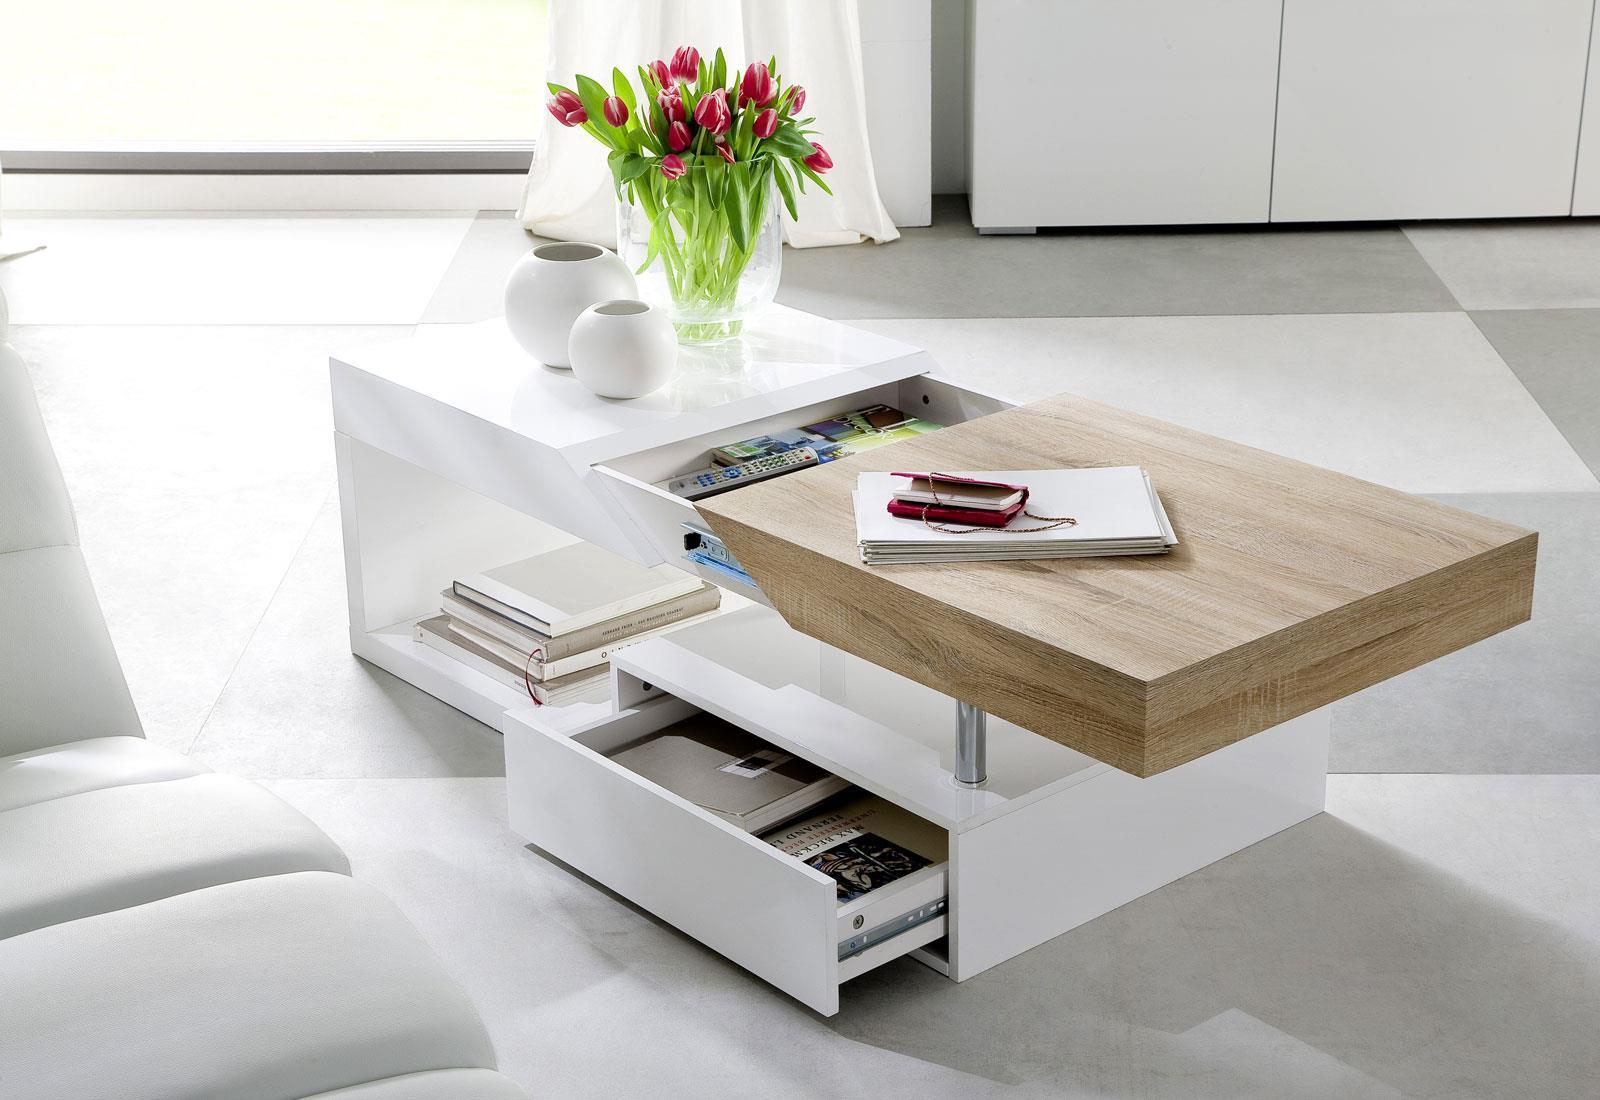 Tavolini Da Salotto Estensibili.Pratico Tavolino Da Salotto Adamo Design Accattivante Estensibile In Legno E Metallo Ripiano Faggio